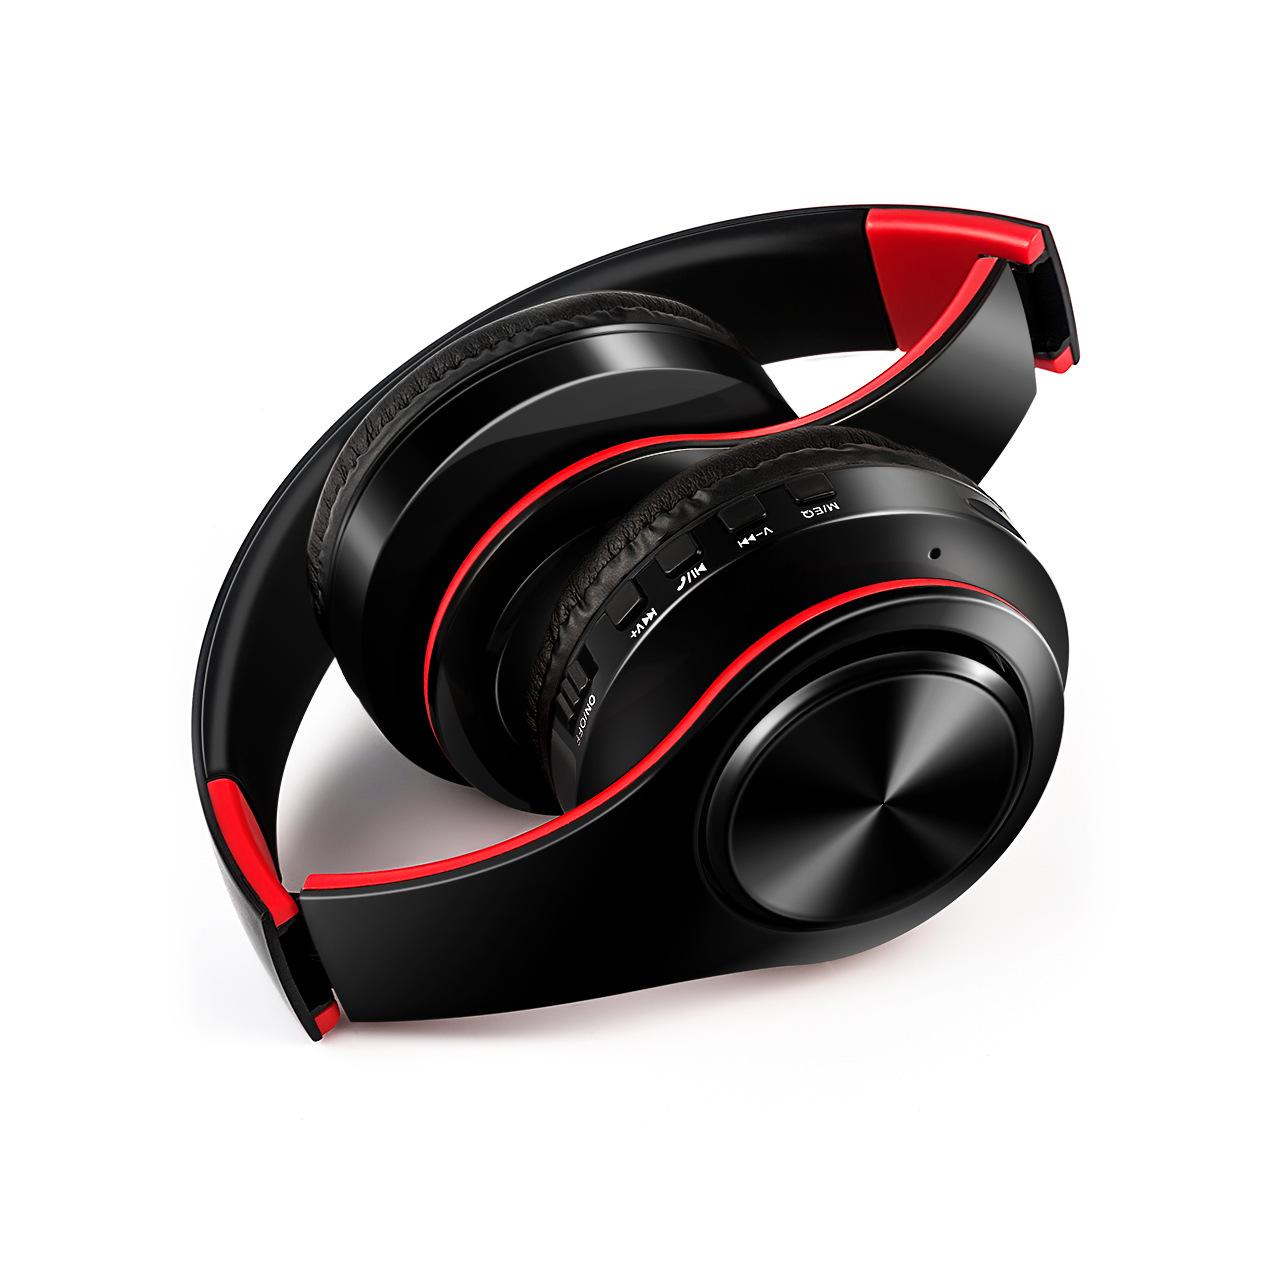 ZHONGXING - Tai nghe Bluetooth không dây gấp nhiều màu .